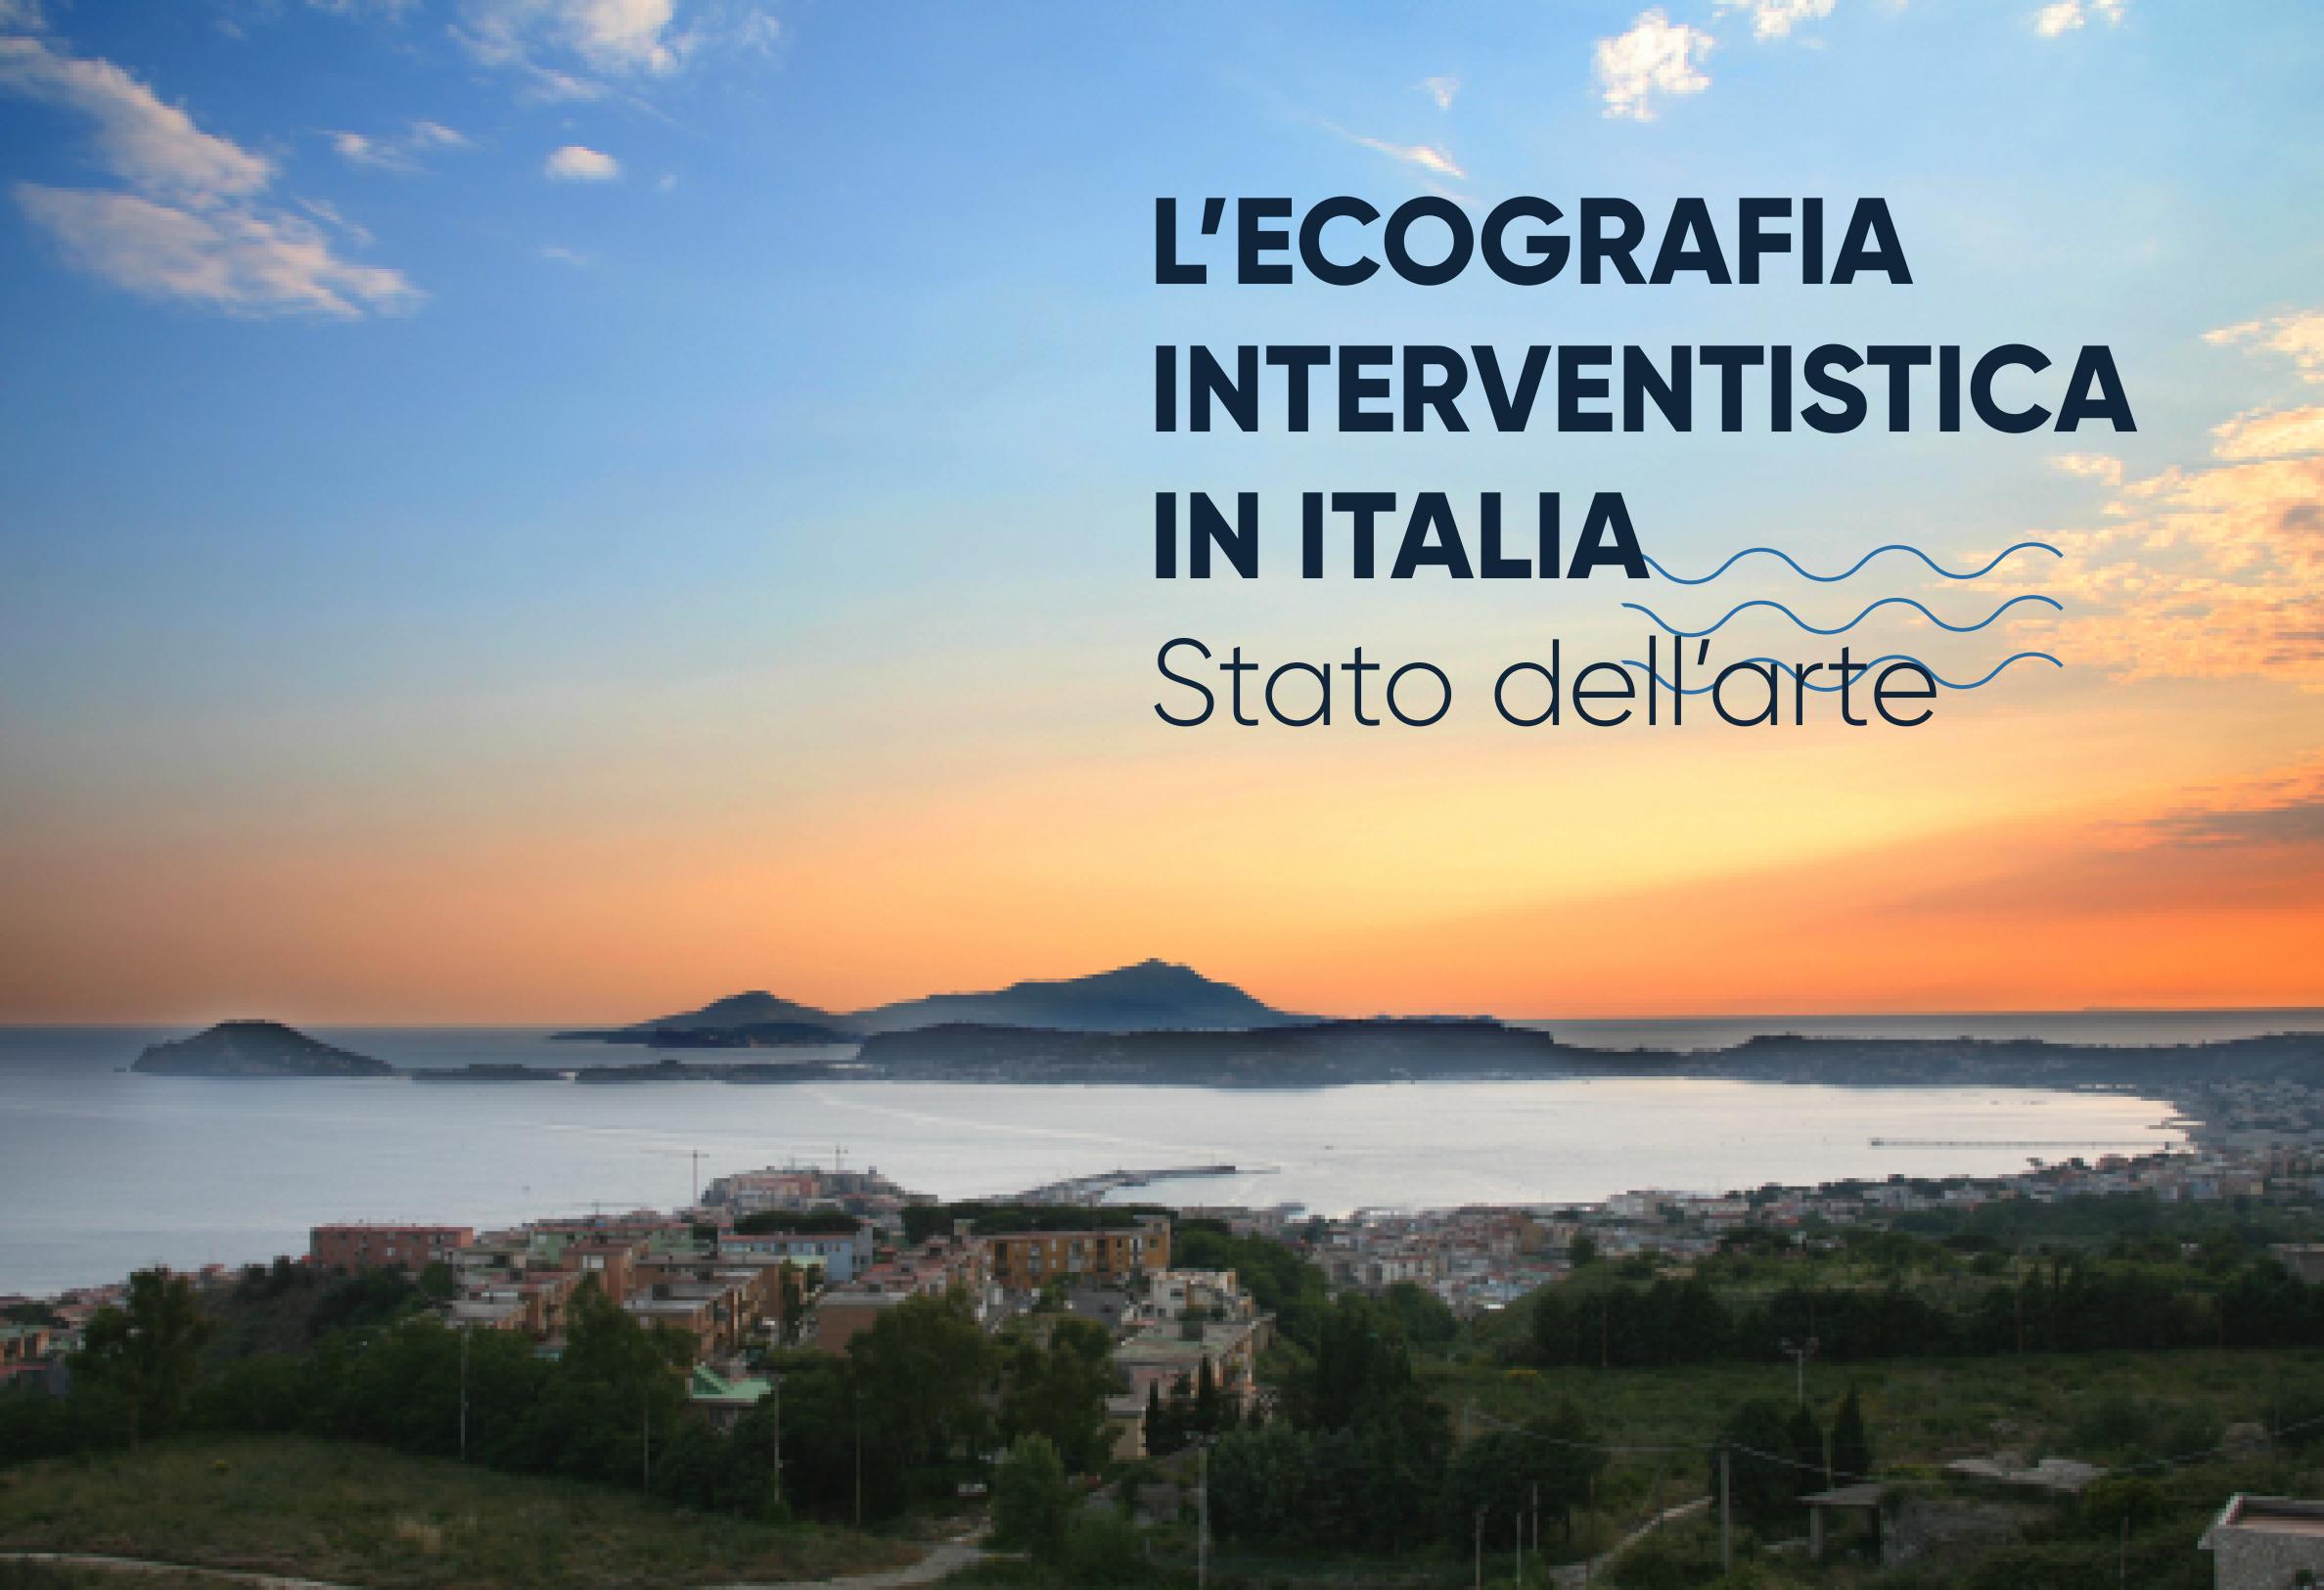 L'ecografia interventista in Italia: Lo stato dell'arte